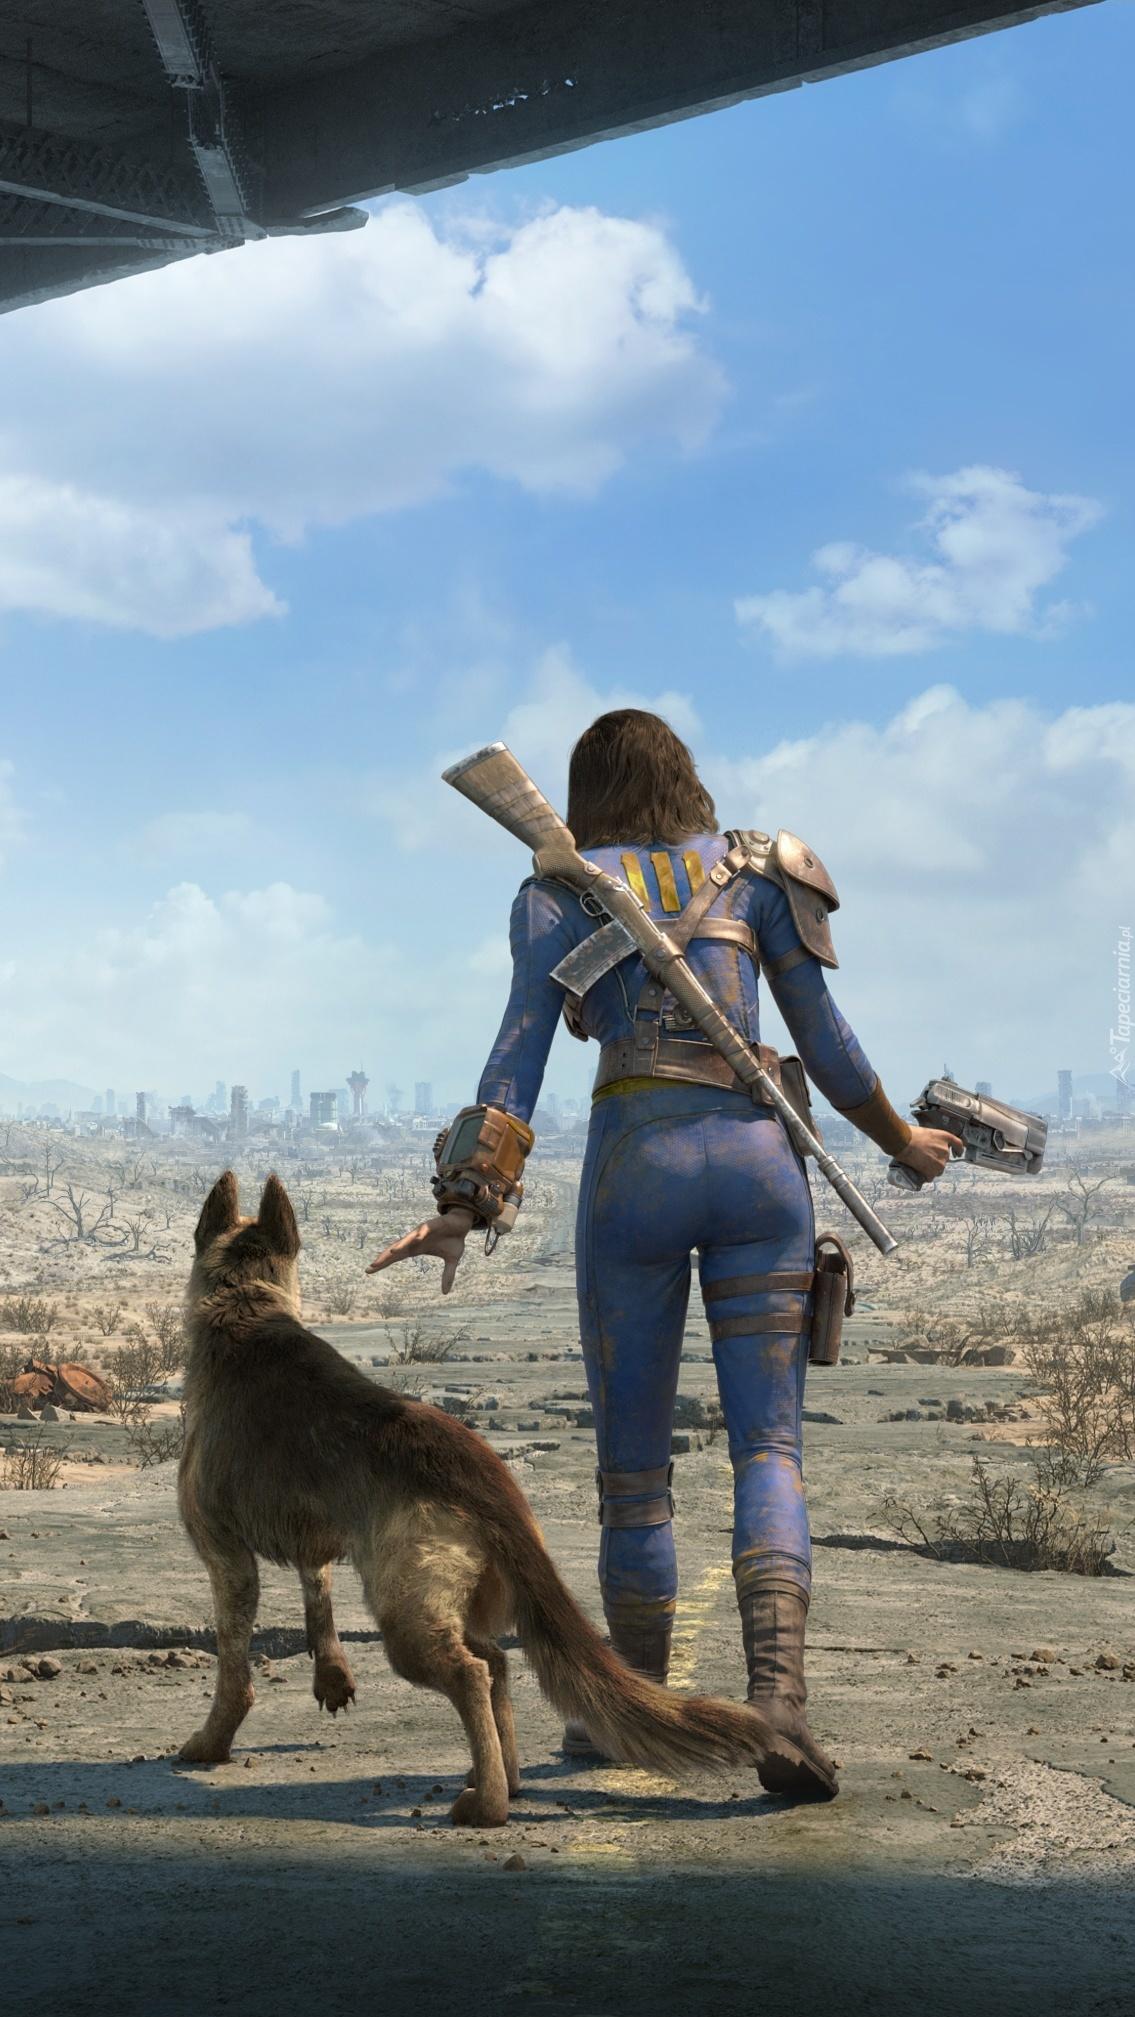 Wędrująca postać z psem i karabinem